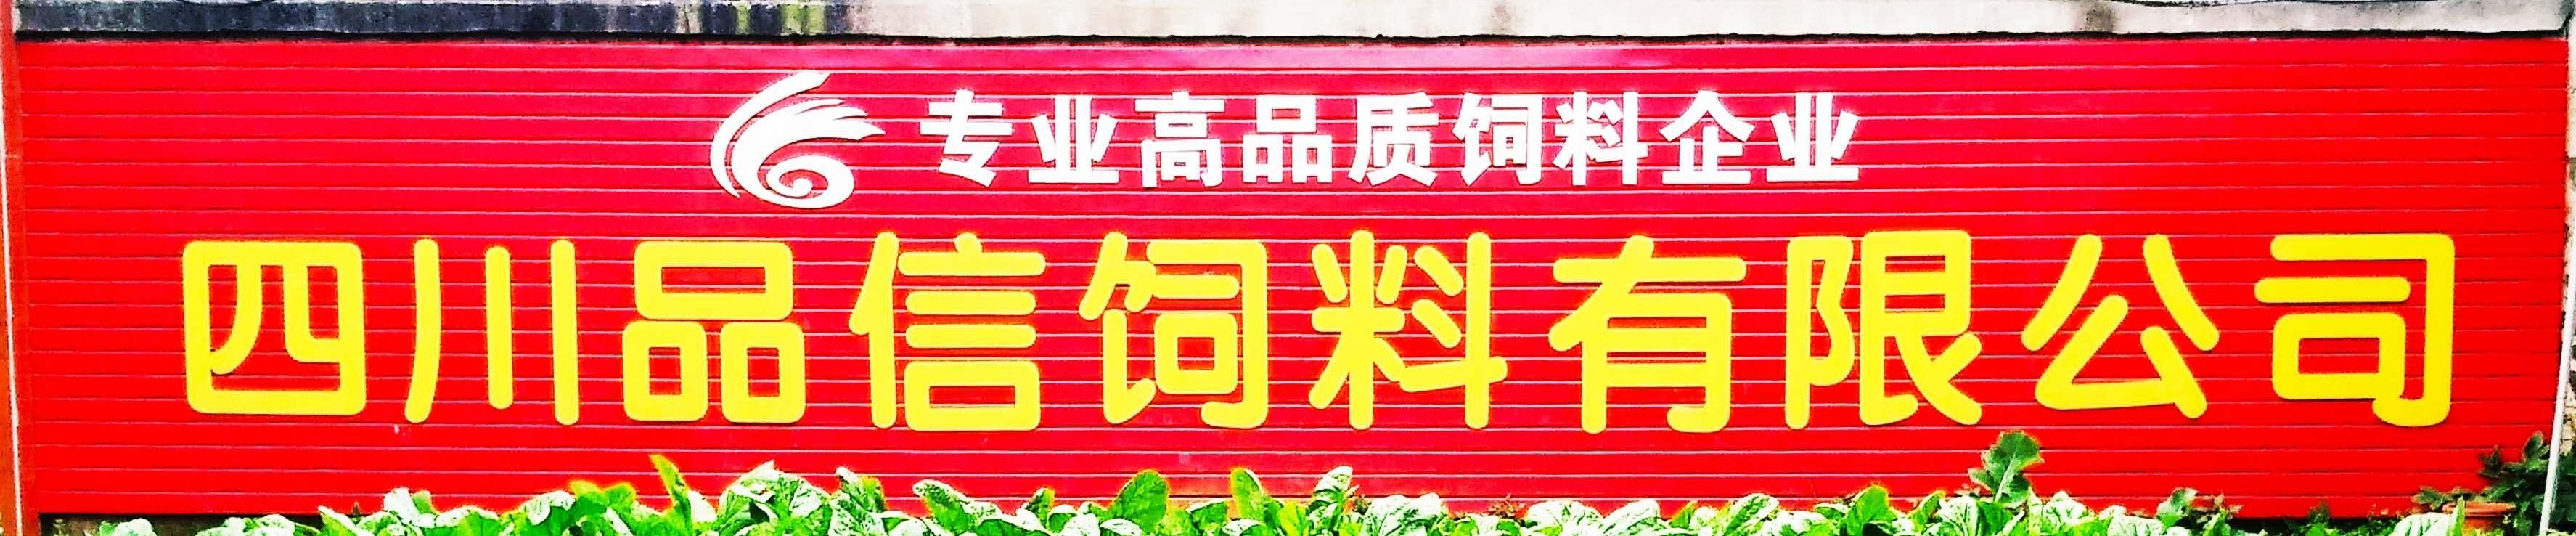 四川南充教师招聘网_四川品信饲料有限公司 正在招聘-南充人才网